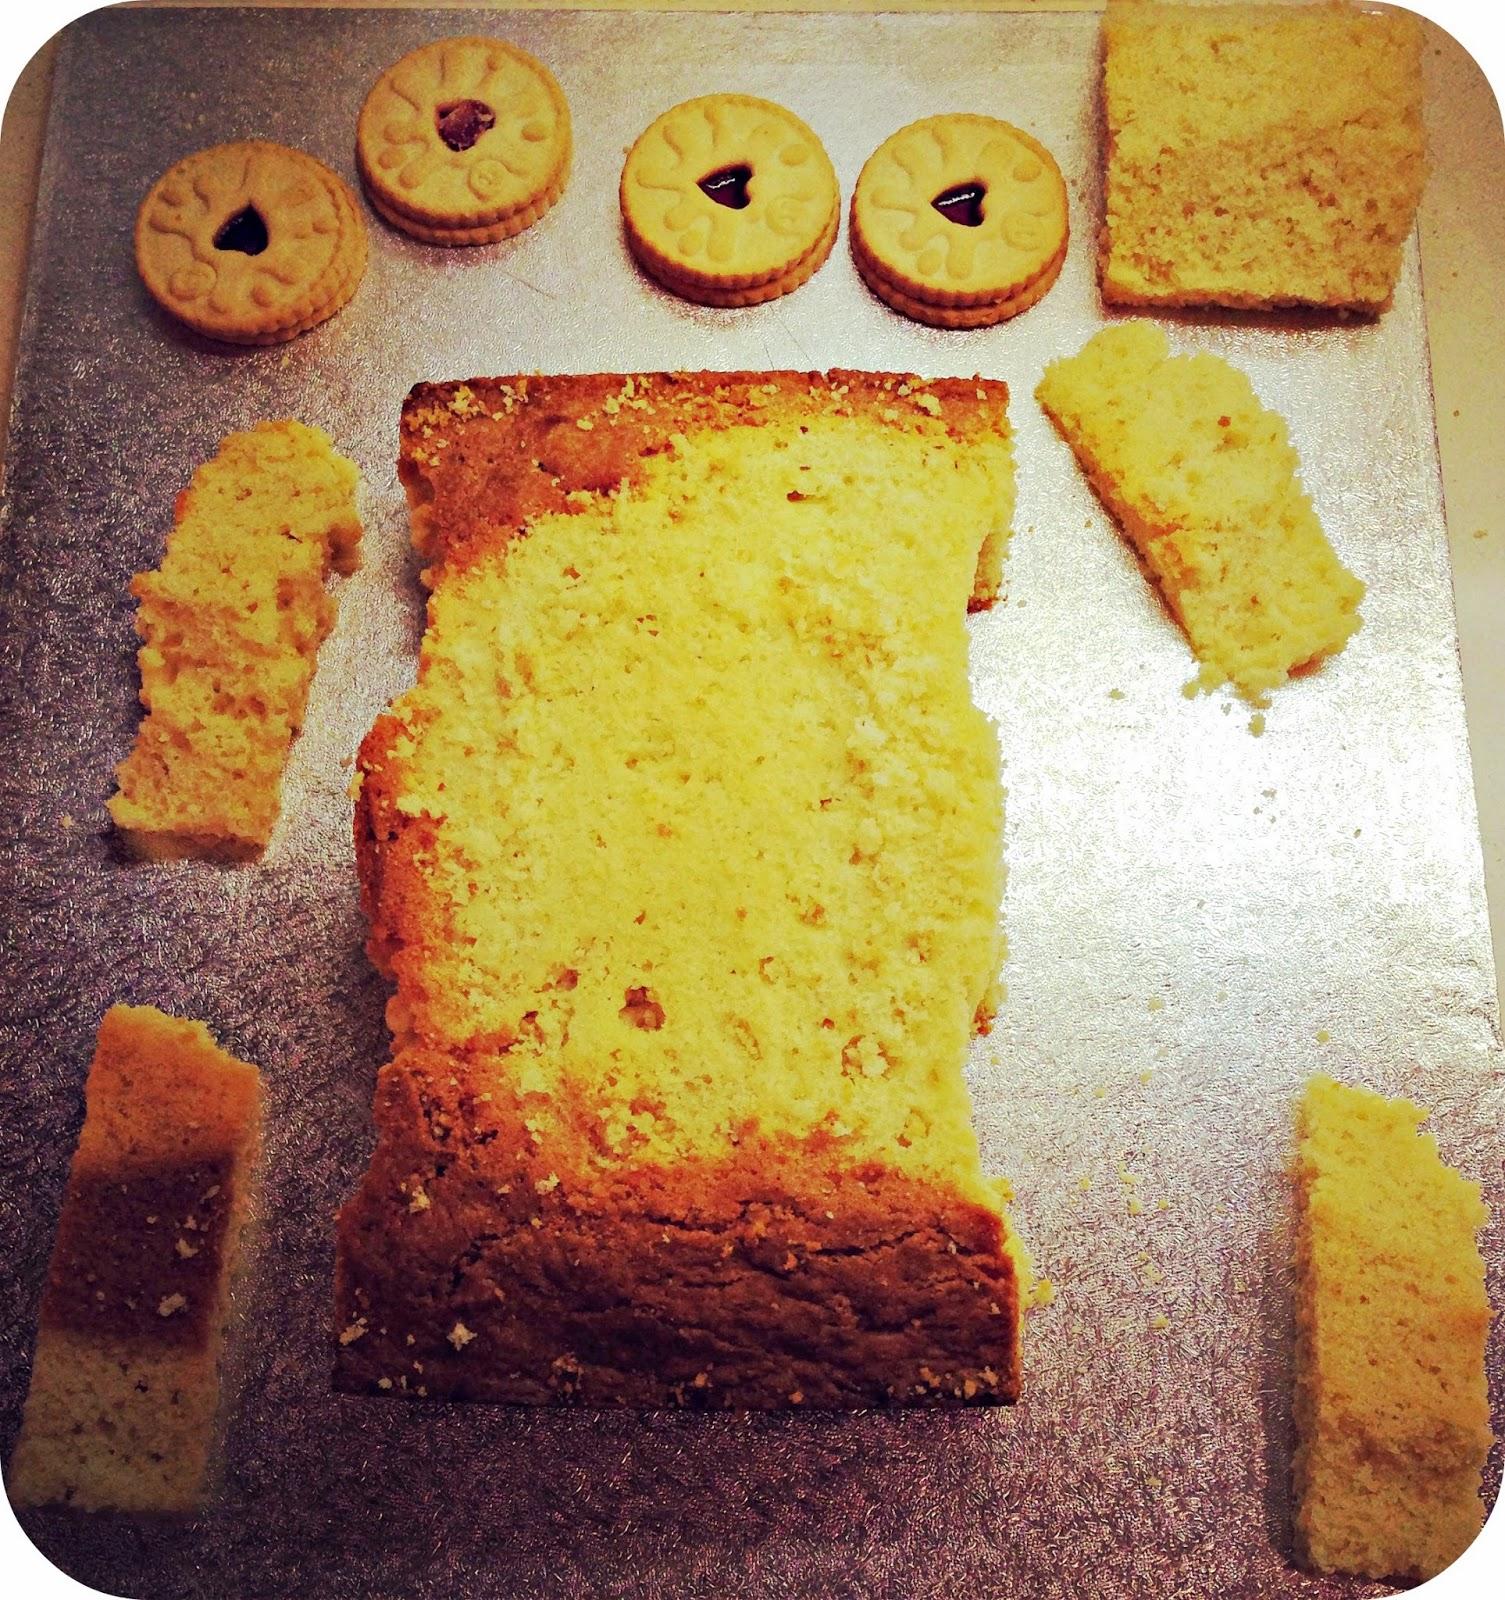 Lightning Mcqueen Cake Mould Uk